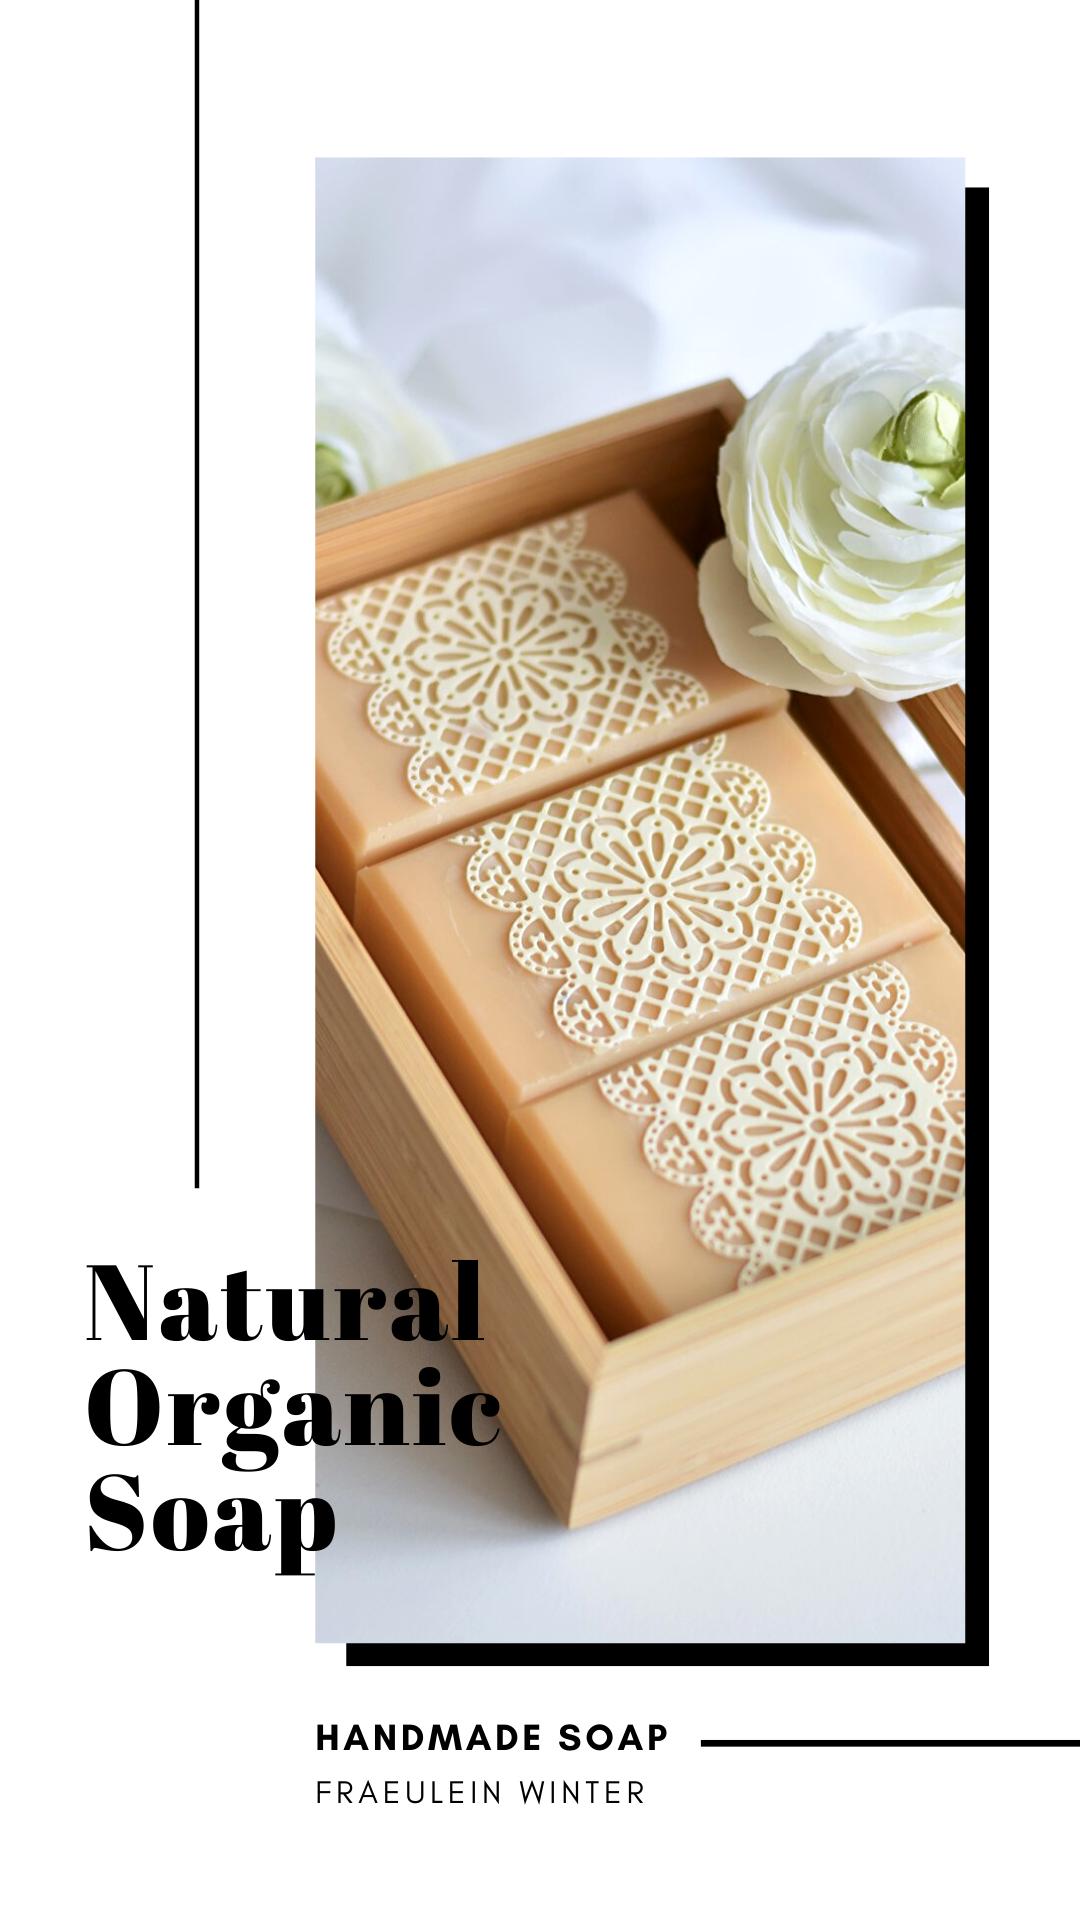 Natural Organic Soap